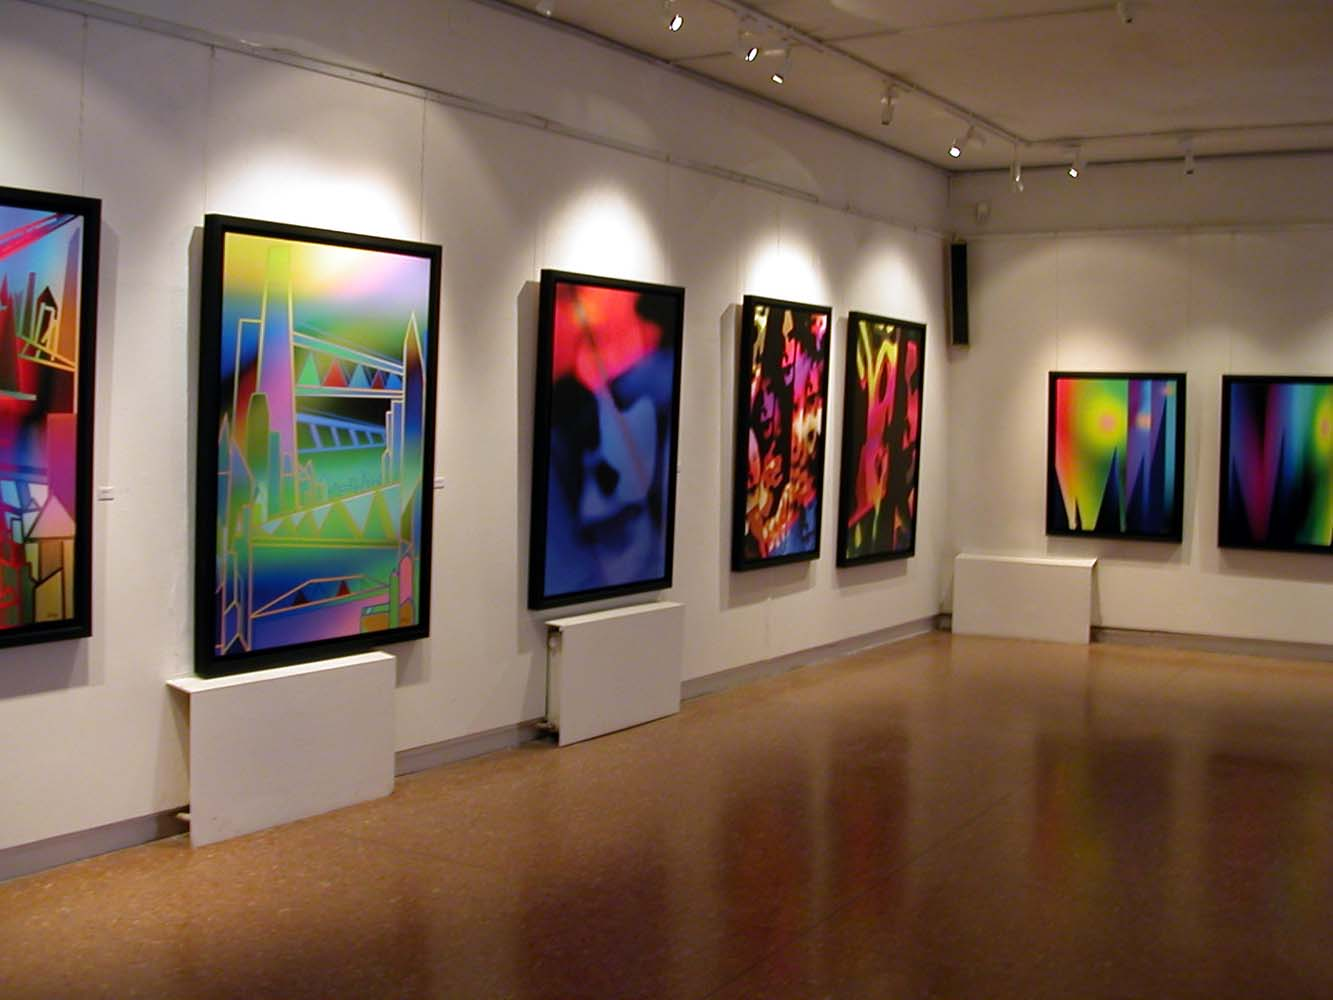 Venice Biennale 2003 Museo di Sant' Apollonia